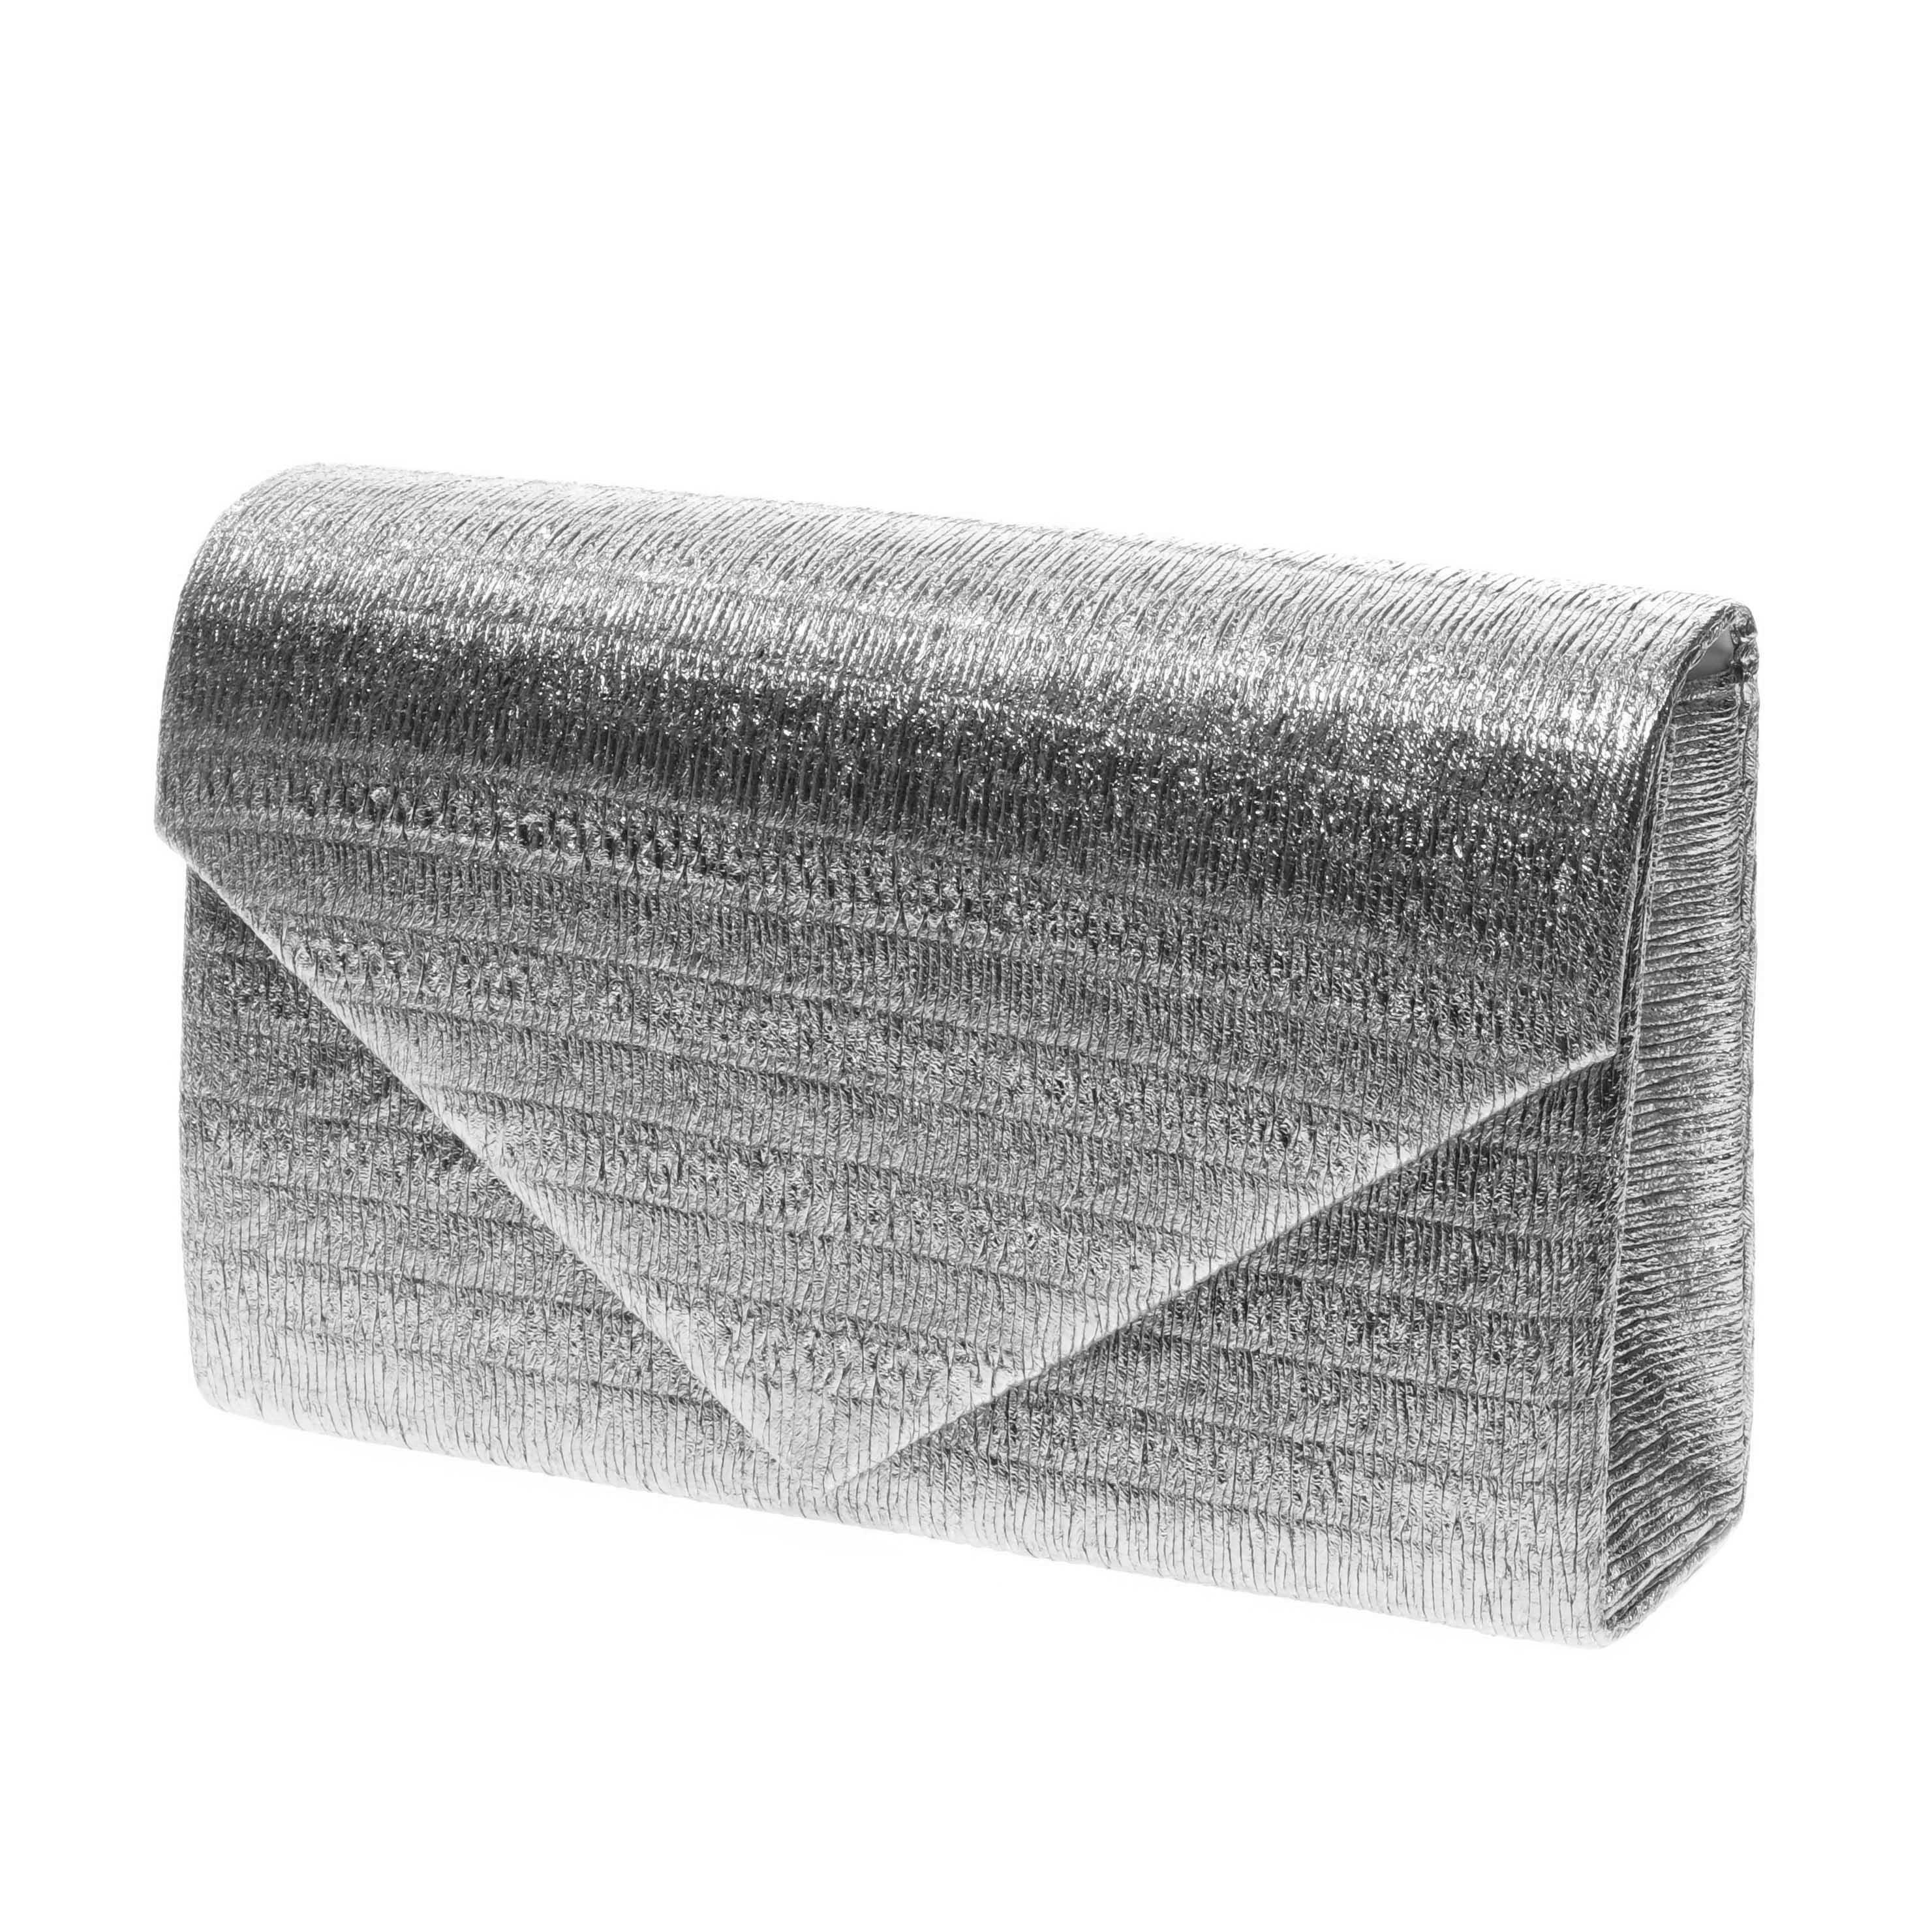 Ezüst színű női poliészter alkalmi táska - Alkalmi táskák - Táska webáruház  - Minőségi táskák mindenkinek 83f3d12dac